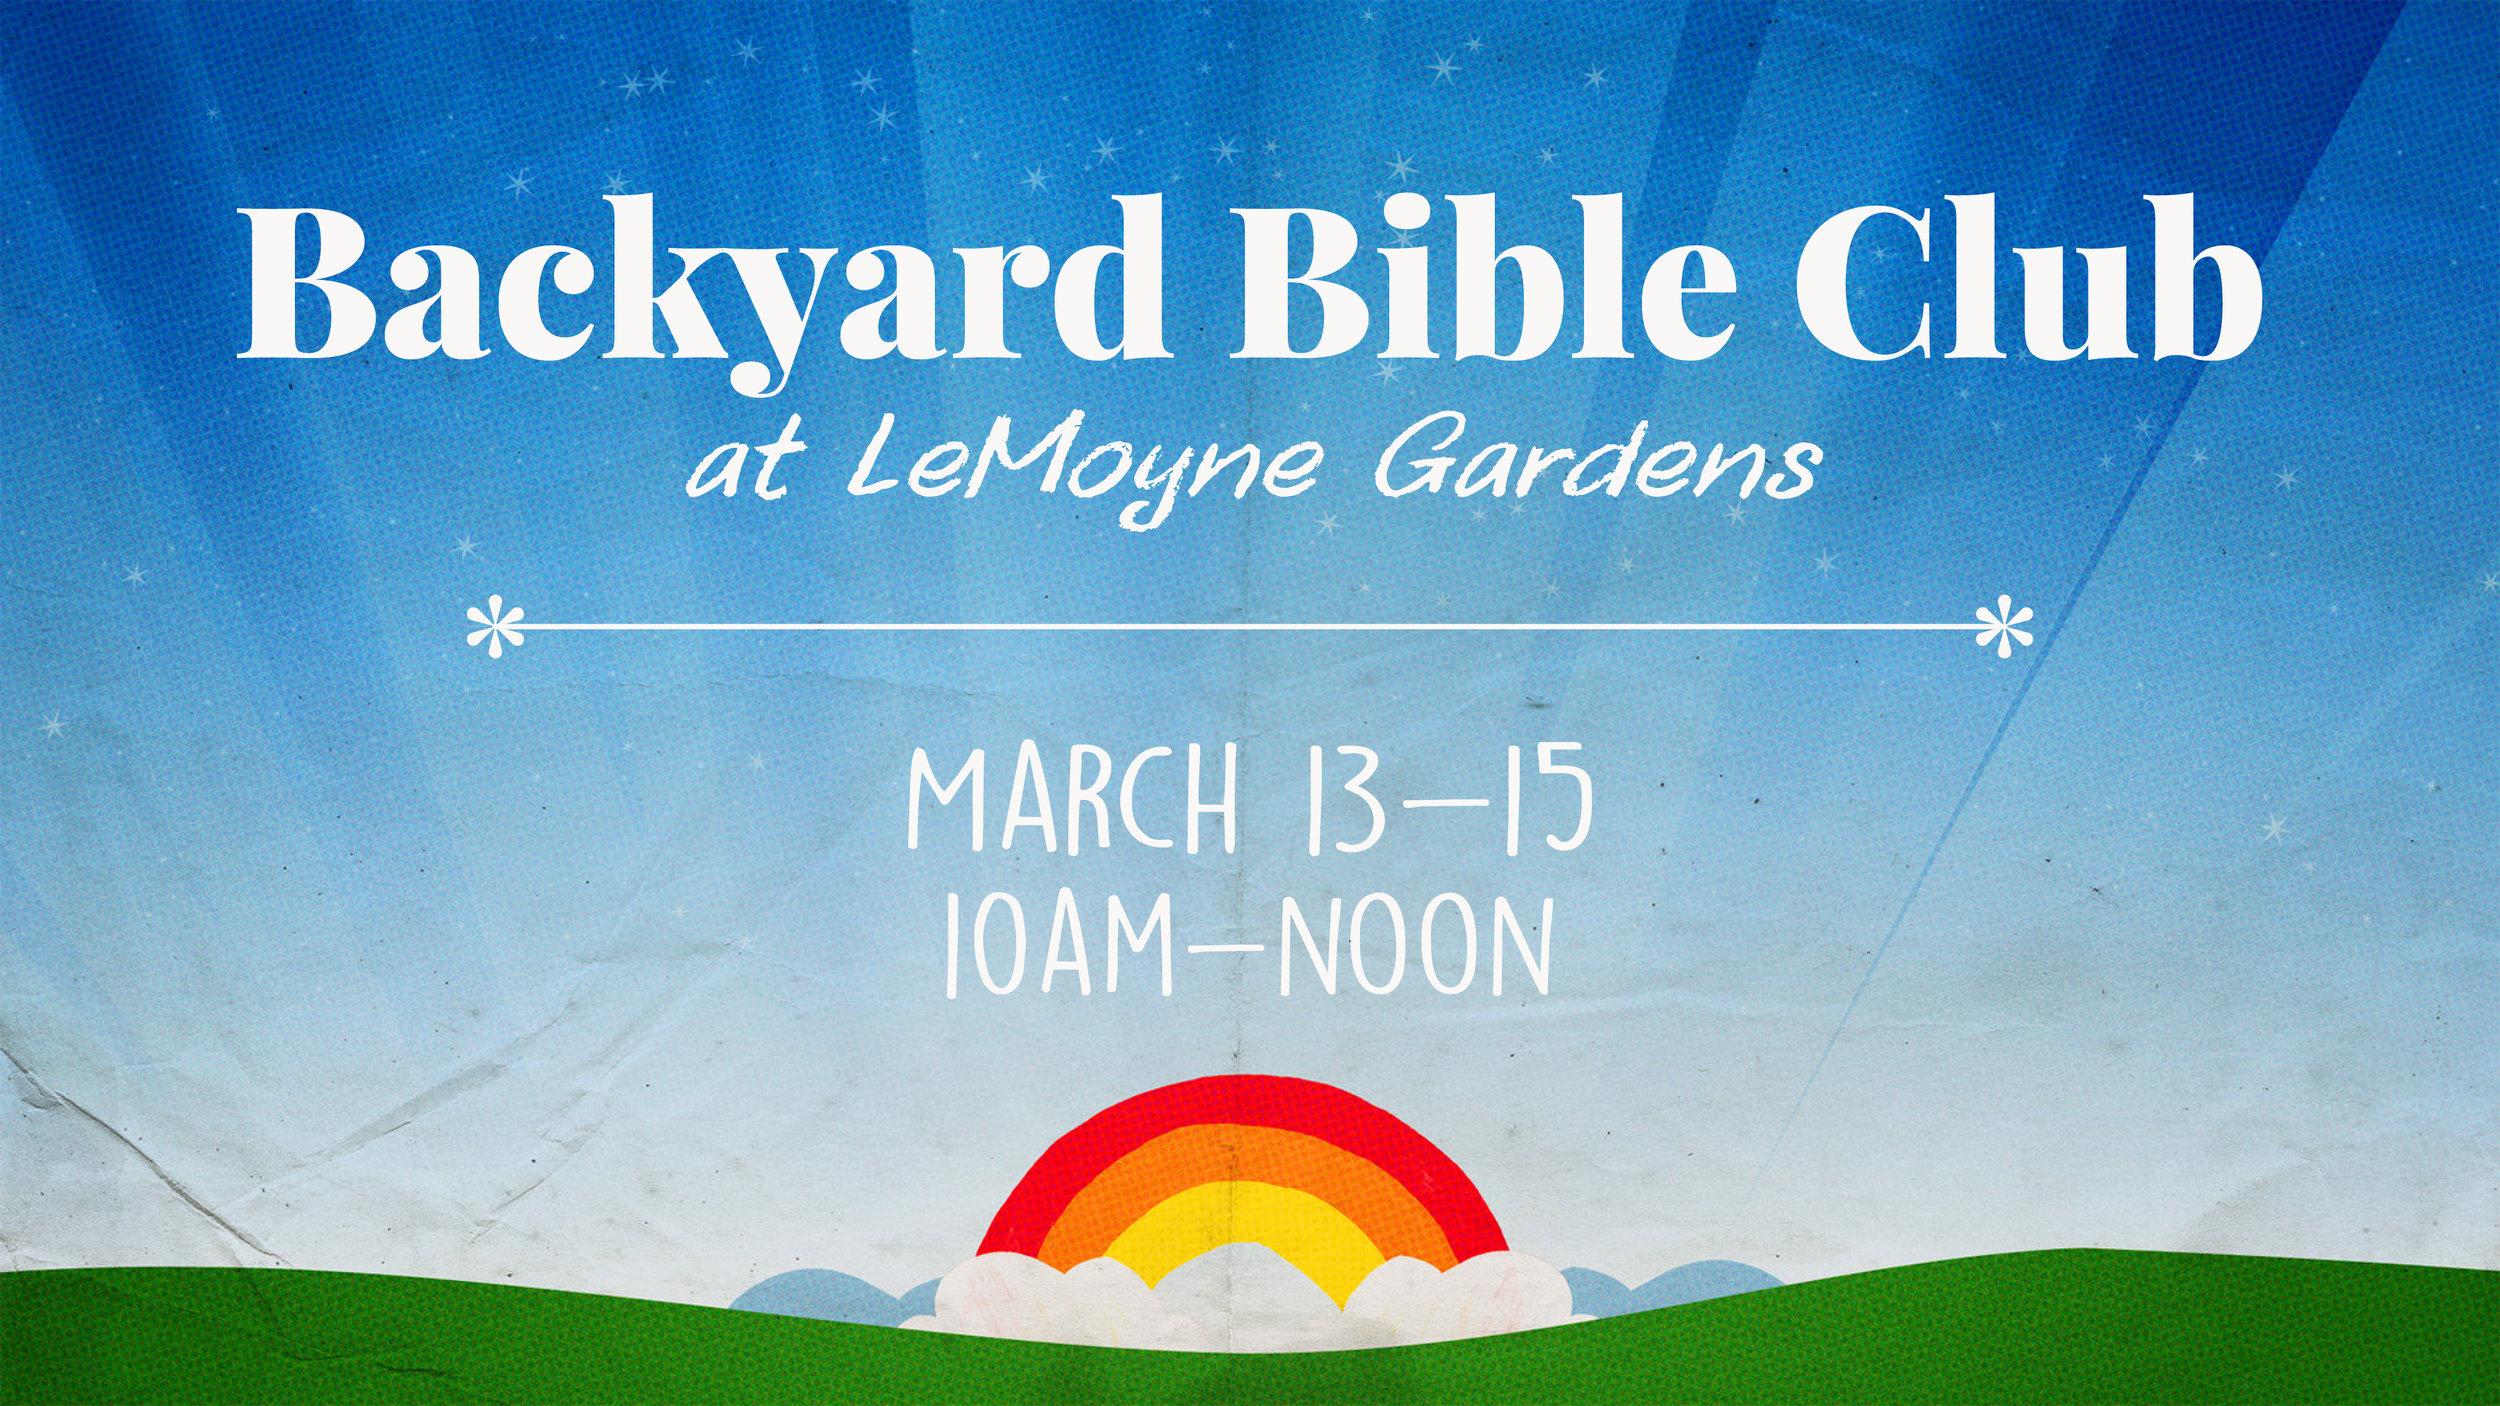 Backyard Bible Club 3 13-15-01-2.jpg